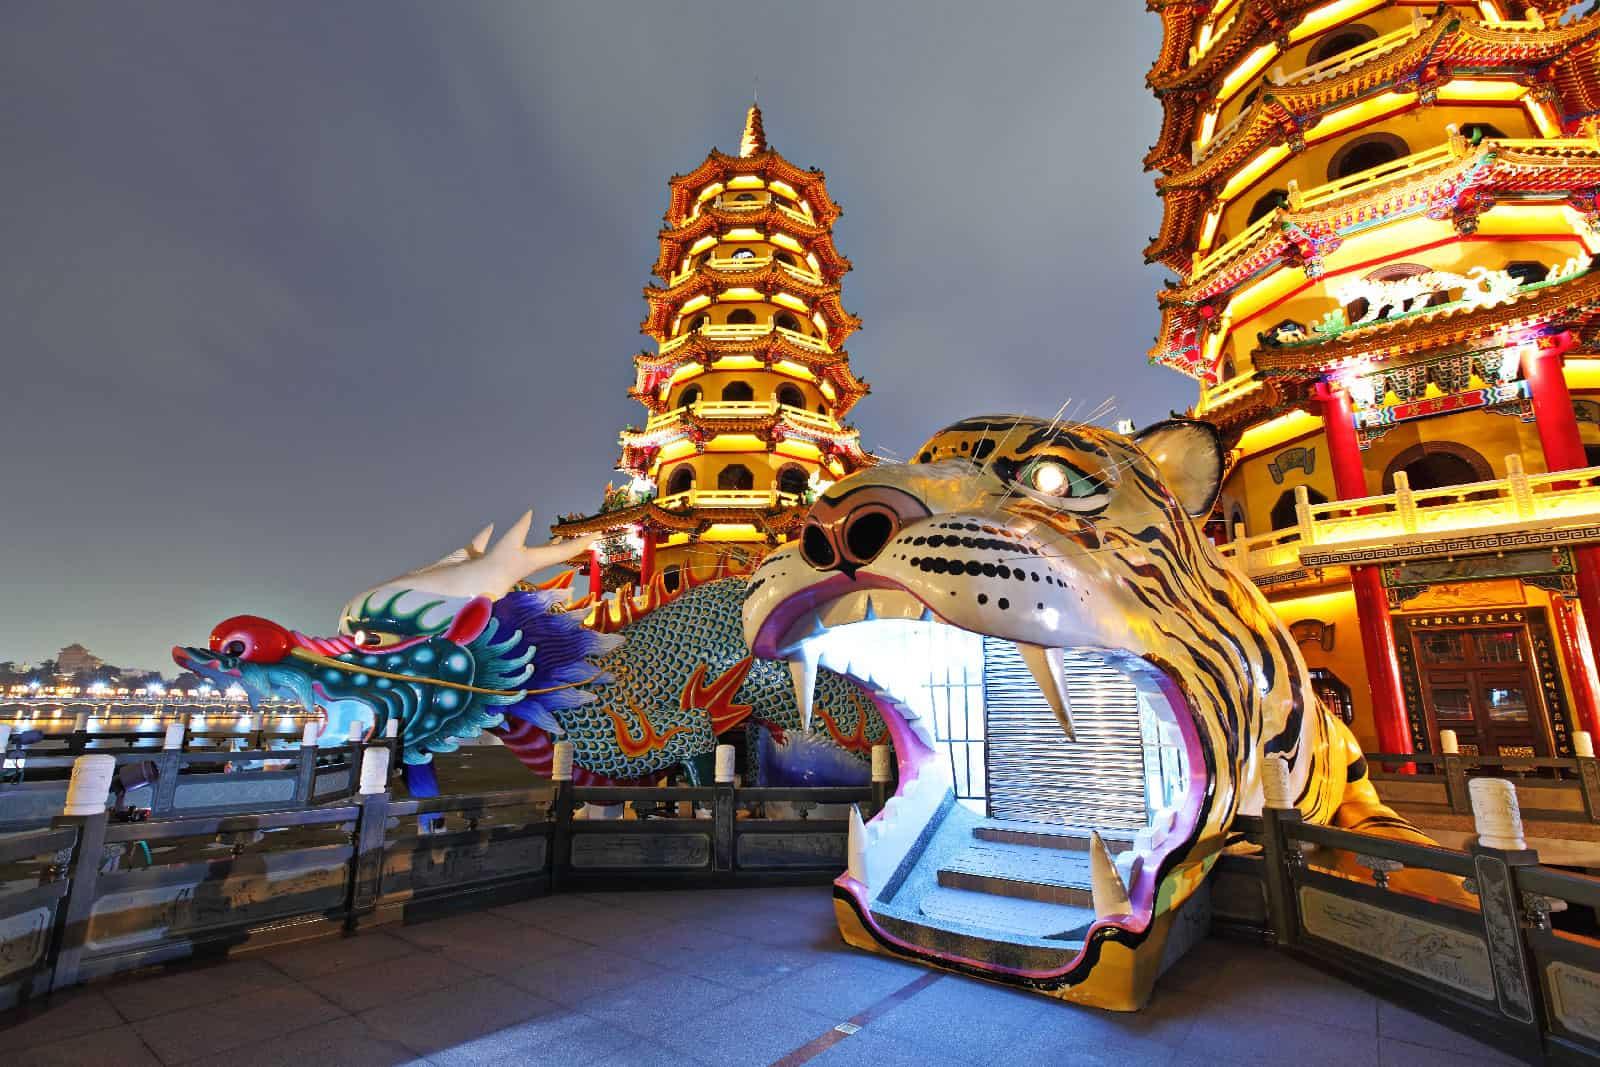 Dragon and Tiger Pagodas at Night in Kaohsiung, Taiwan